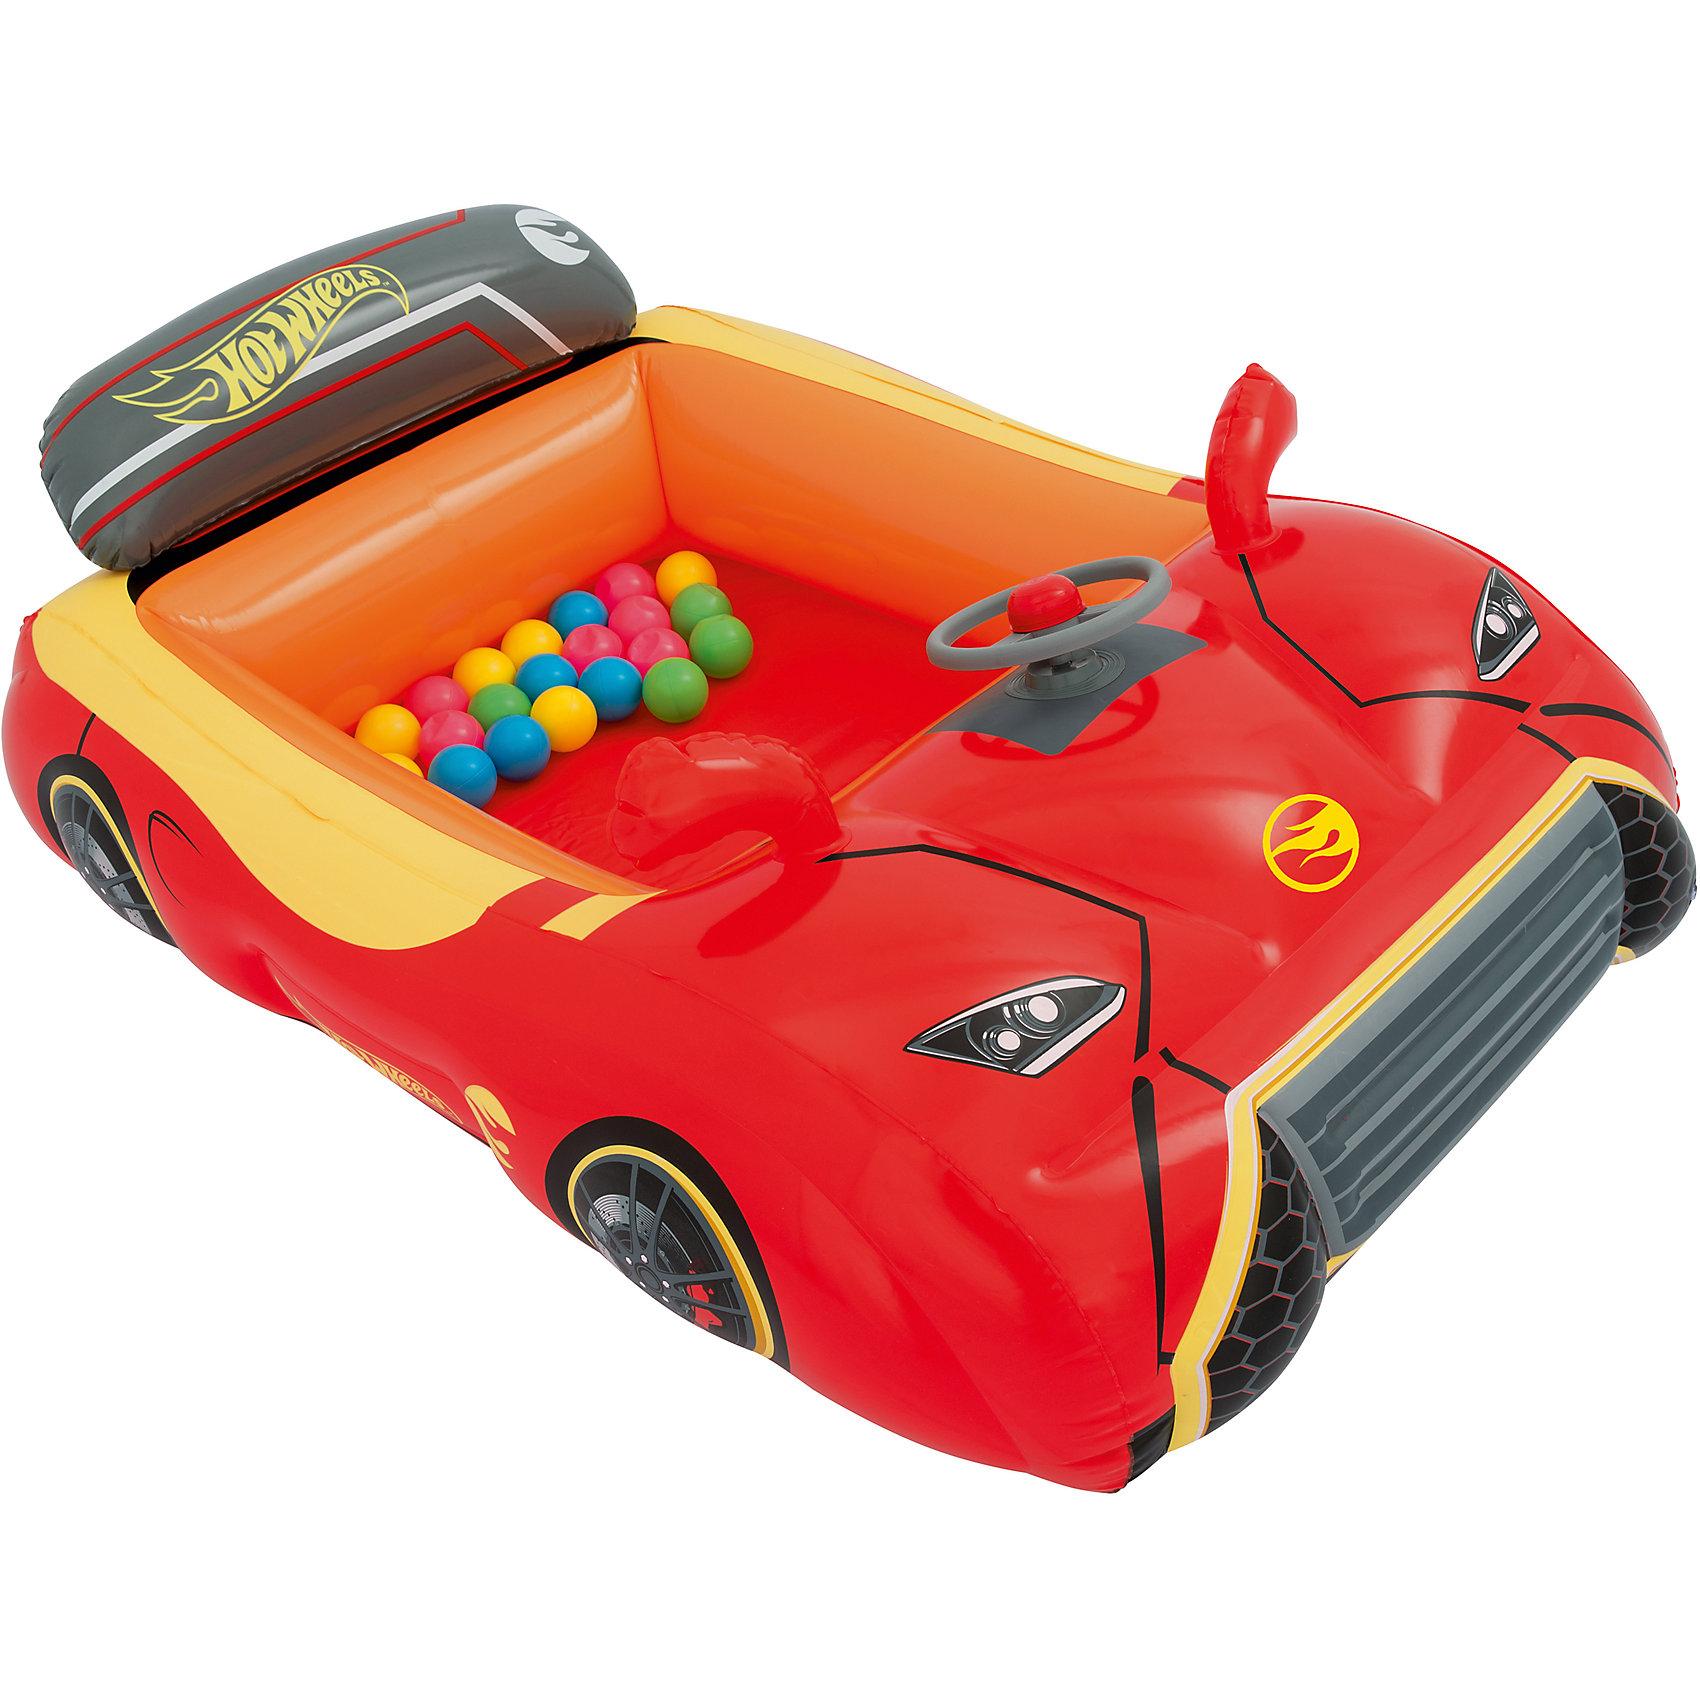 Игровой центр Машина с 25 шариками, Hot Wheels, BestwayИгровые центры<br>Игровой центр Машина с 25 шариками, Hot Wheels, Bestway (Бествей)<br><br>Характеристики:<br><br>• игровой центр в виде спортивной машины<br>• 25 разноцветных шариков в комплекте<br>• яркий дизайн в стиле Хот Вилс<br>• прочная конструкция<br>• есть предохранительные клапаны<br>• размер: 135х99х43 см<br>• вес: 2213 грамм<br><br>Яркий игровой центр позволит ребенку почувствовать себя настоящим водителем спортивной машины. Центр изготовлен из прочного поливинилхлорида. Конструкция устойчиво располагается на гладкой поверхности. Игровой центр выполнен в виде роскошного автомобиля с оформлением в стиле полюбившихся машинок Хот Вилс. В комплект входят 25 разноцветных шариков, которым кроха обязательно найдет применение.<br><br>Игровой центр Машина с 25 шариками, Hot Wheels, Bestway (Бествей) можно купить в нашем интернет-магазине.<br><br>Ширина мм: 455<br>Глубина мм: 415<br>Высота мм: 410<br>Вес г: 2213<br>Возраст от месяцев: 24<br>Возраст до месяцев: 2147483647<br>Пол: Мужской<br>Возраст: Детский<br>SKU: 5486977